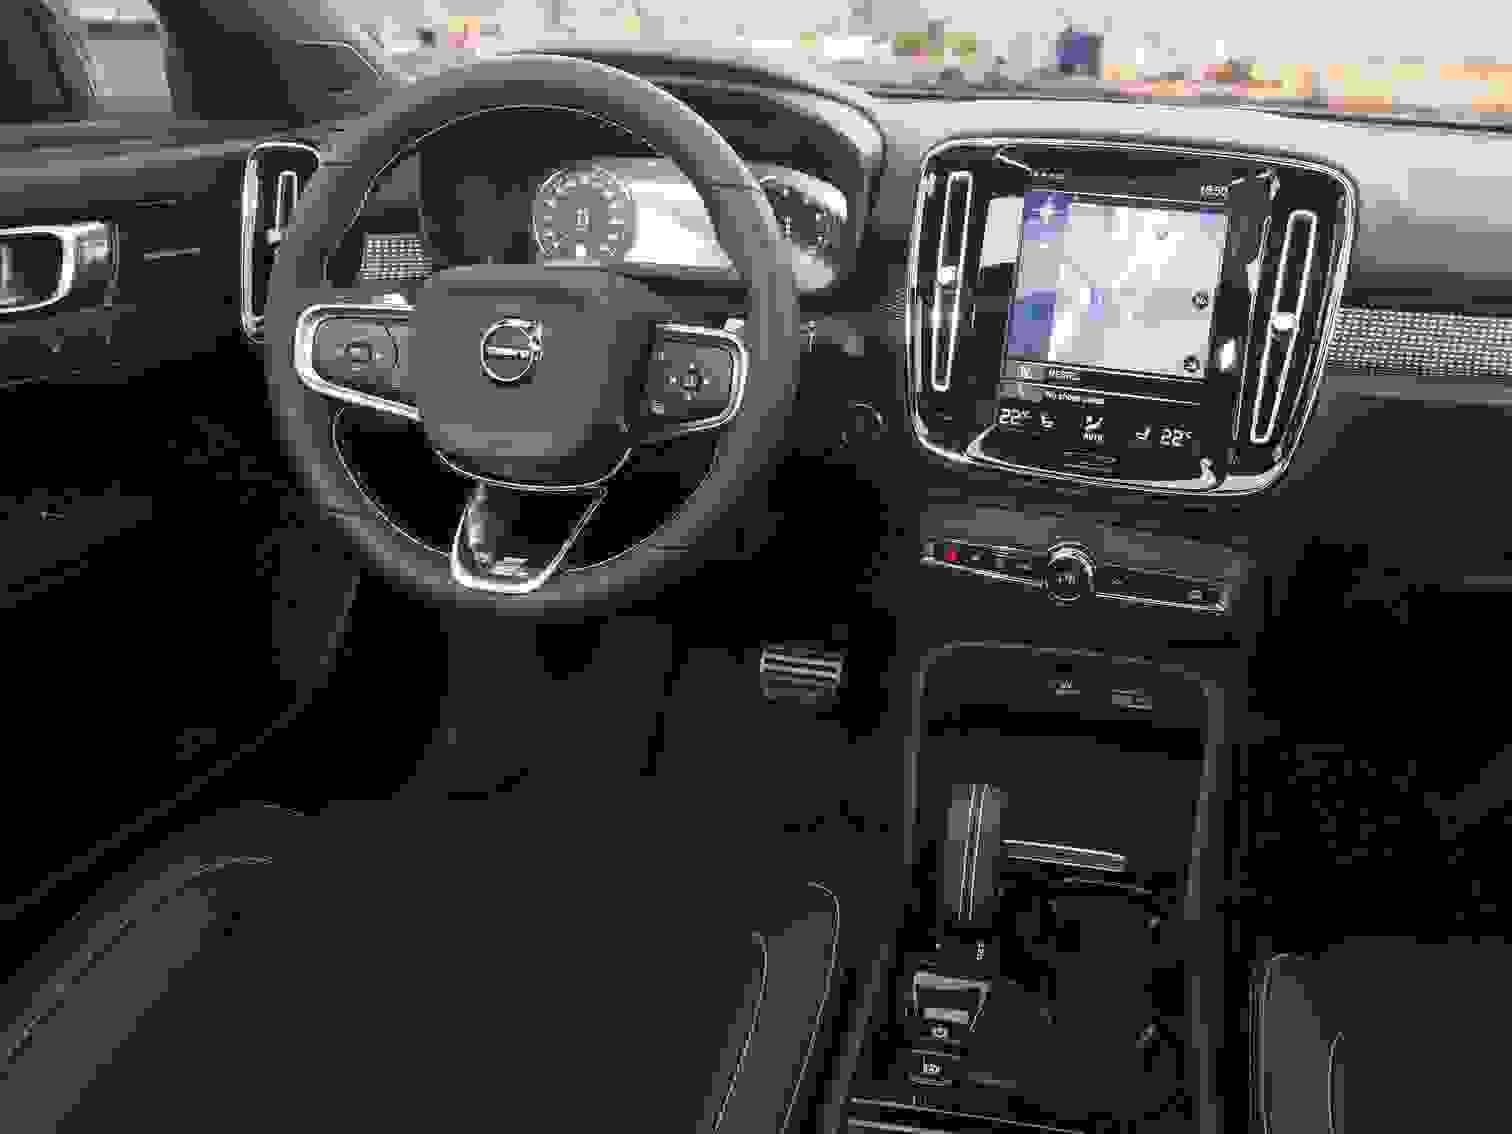 Volvo Xc40 2018 Interior Suv Instrumentbord Midterkonsol Bakkamera Gearskift Rat